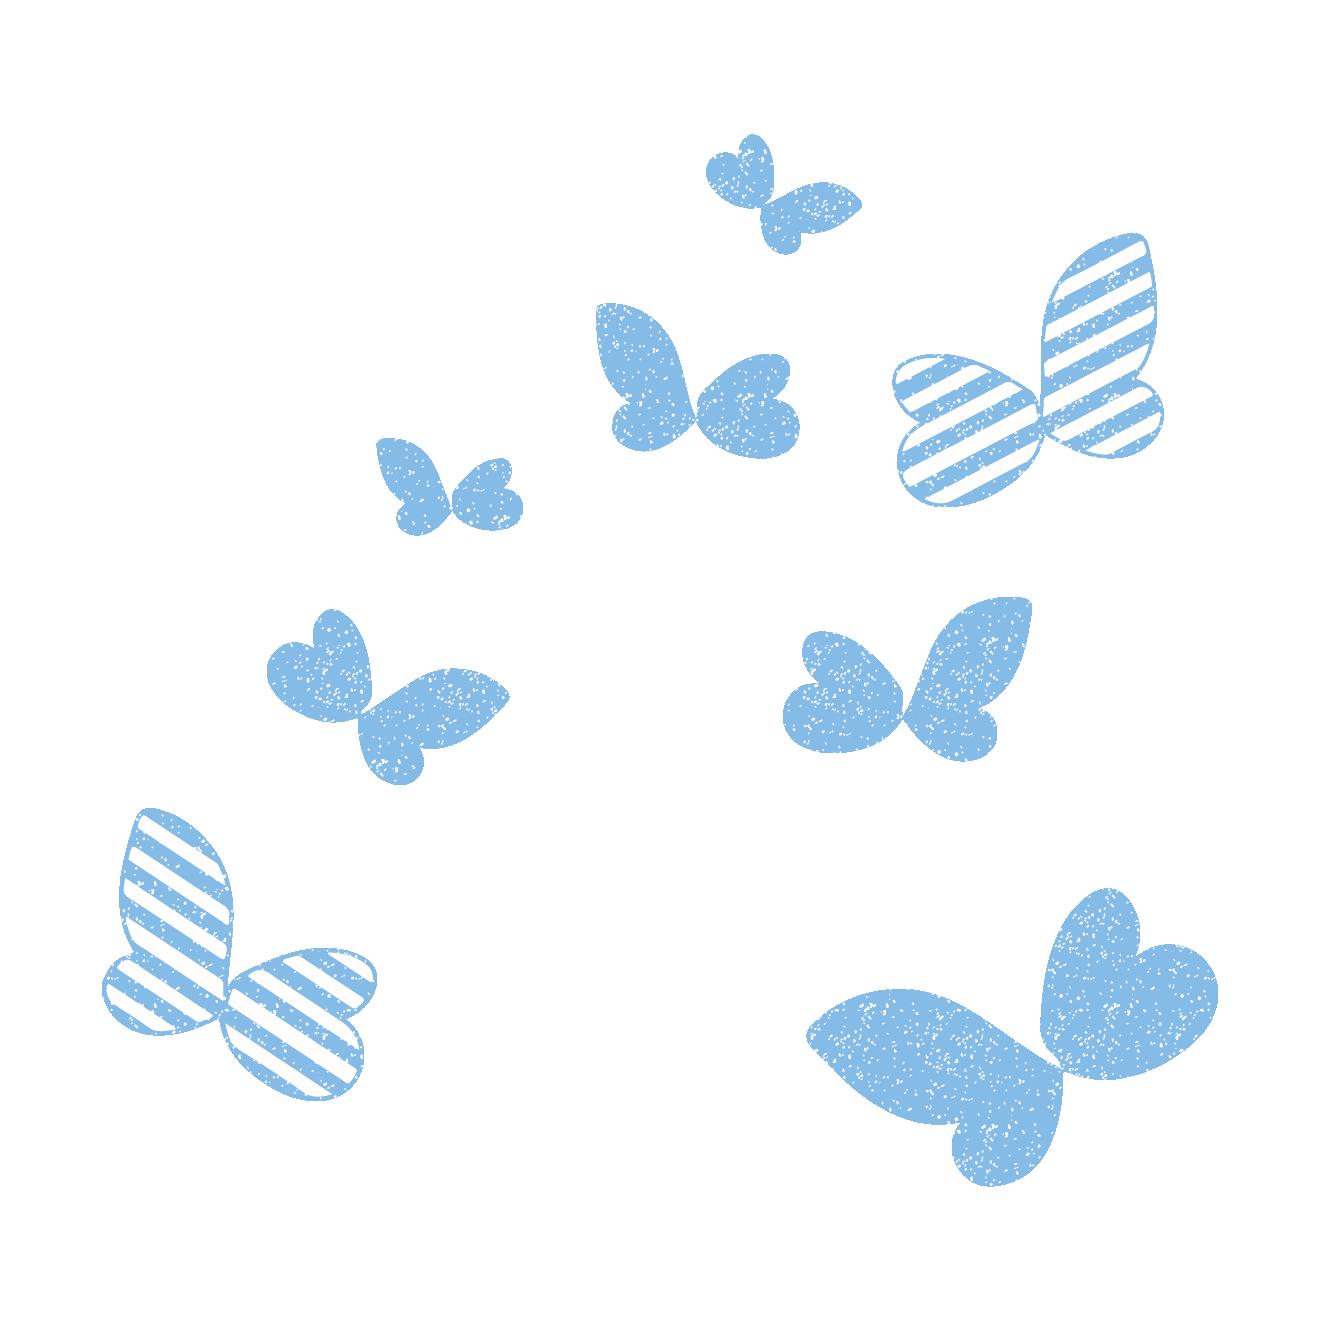 かわいい蝶 ちょう ちょうちょ のスタンプ イラスト 商用フリー 無料 のイラスト素材なら イラストマンション